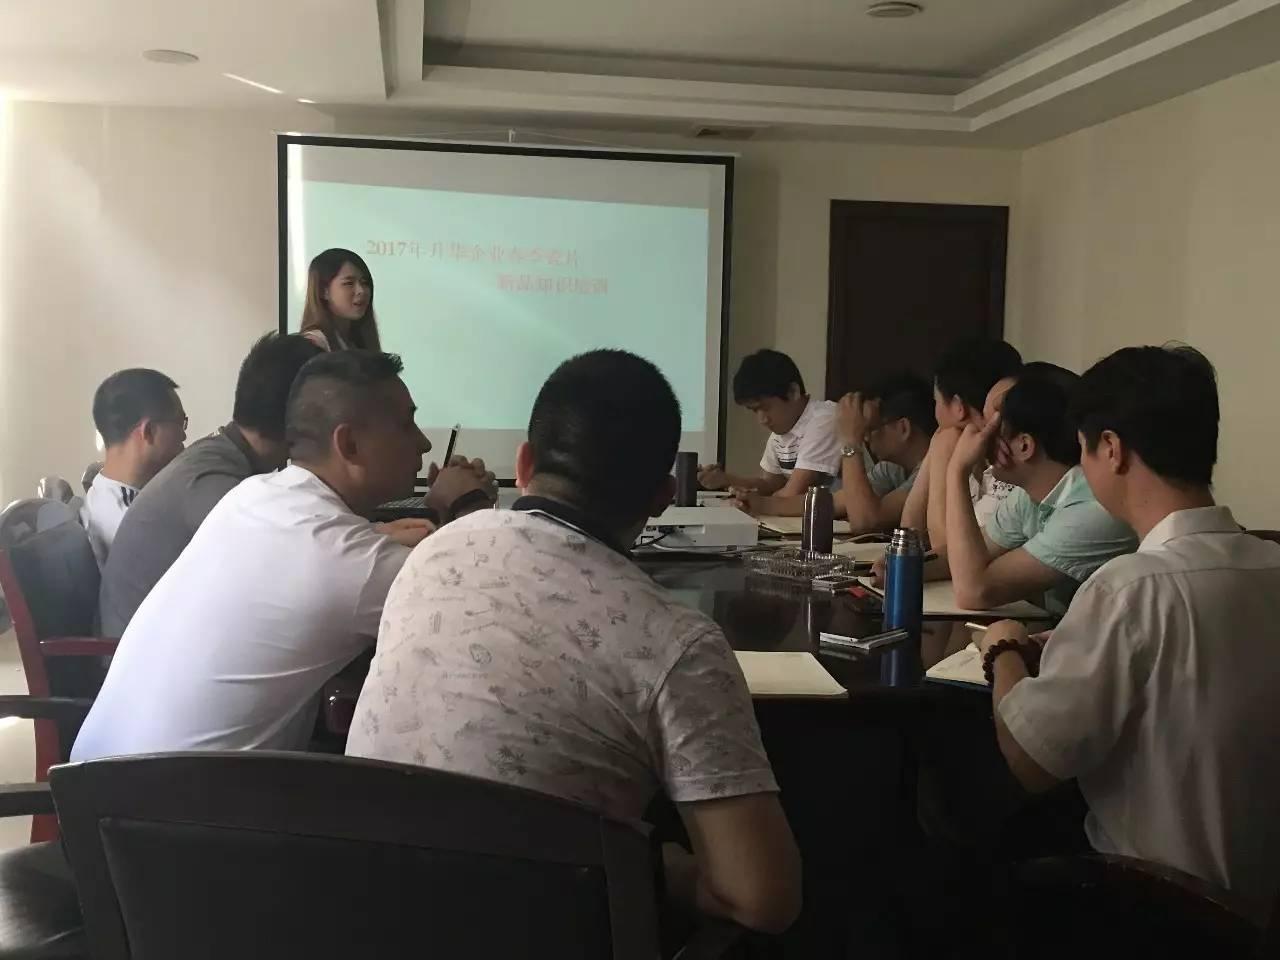 升华陶瓷春季新品知识培训会议成功开展!